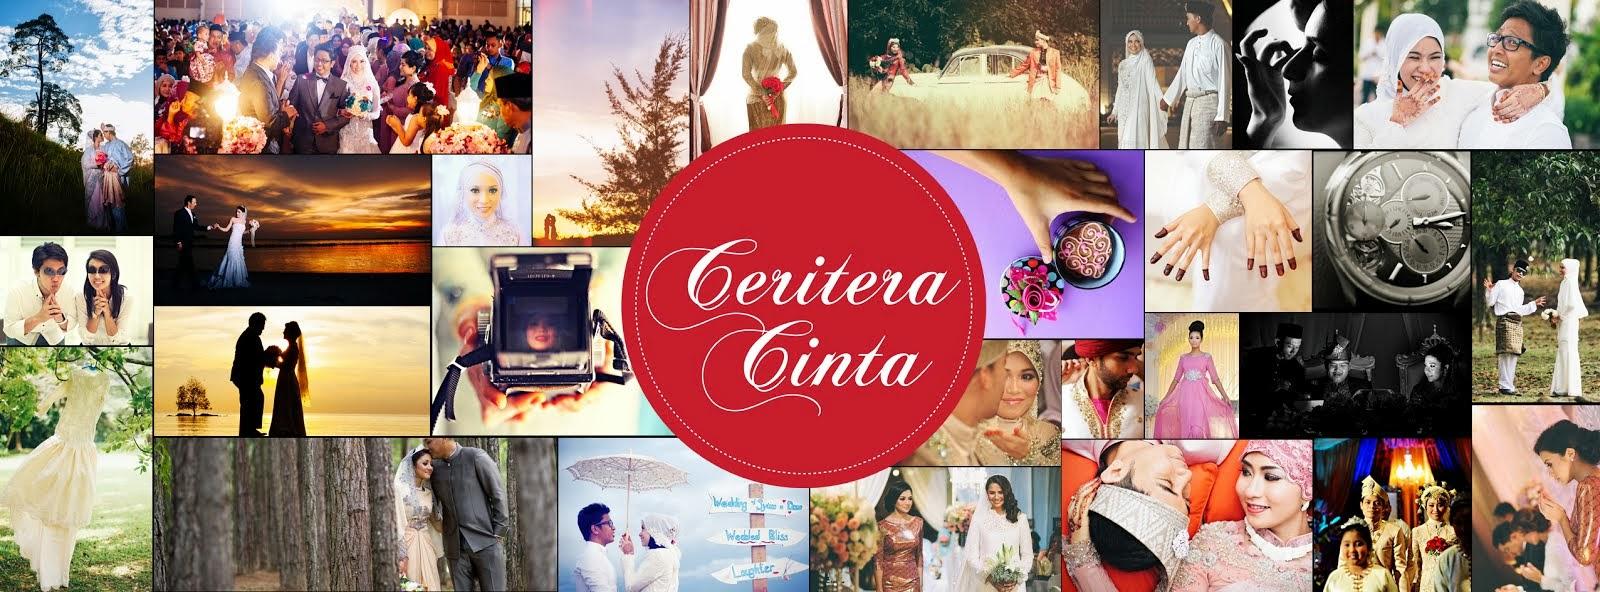 Fotografi Perkahwinan.Jurugambar Perkahwinan Malaysia yang merakam Ceritera Cinta pasangan kekasih.